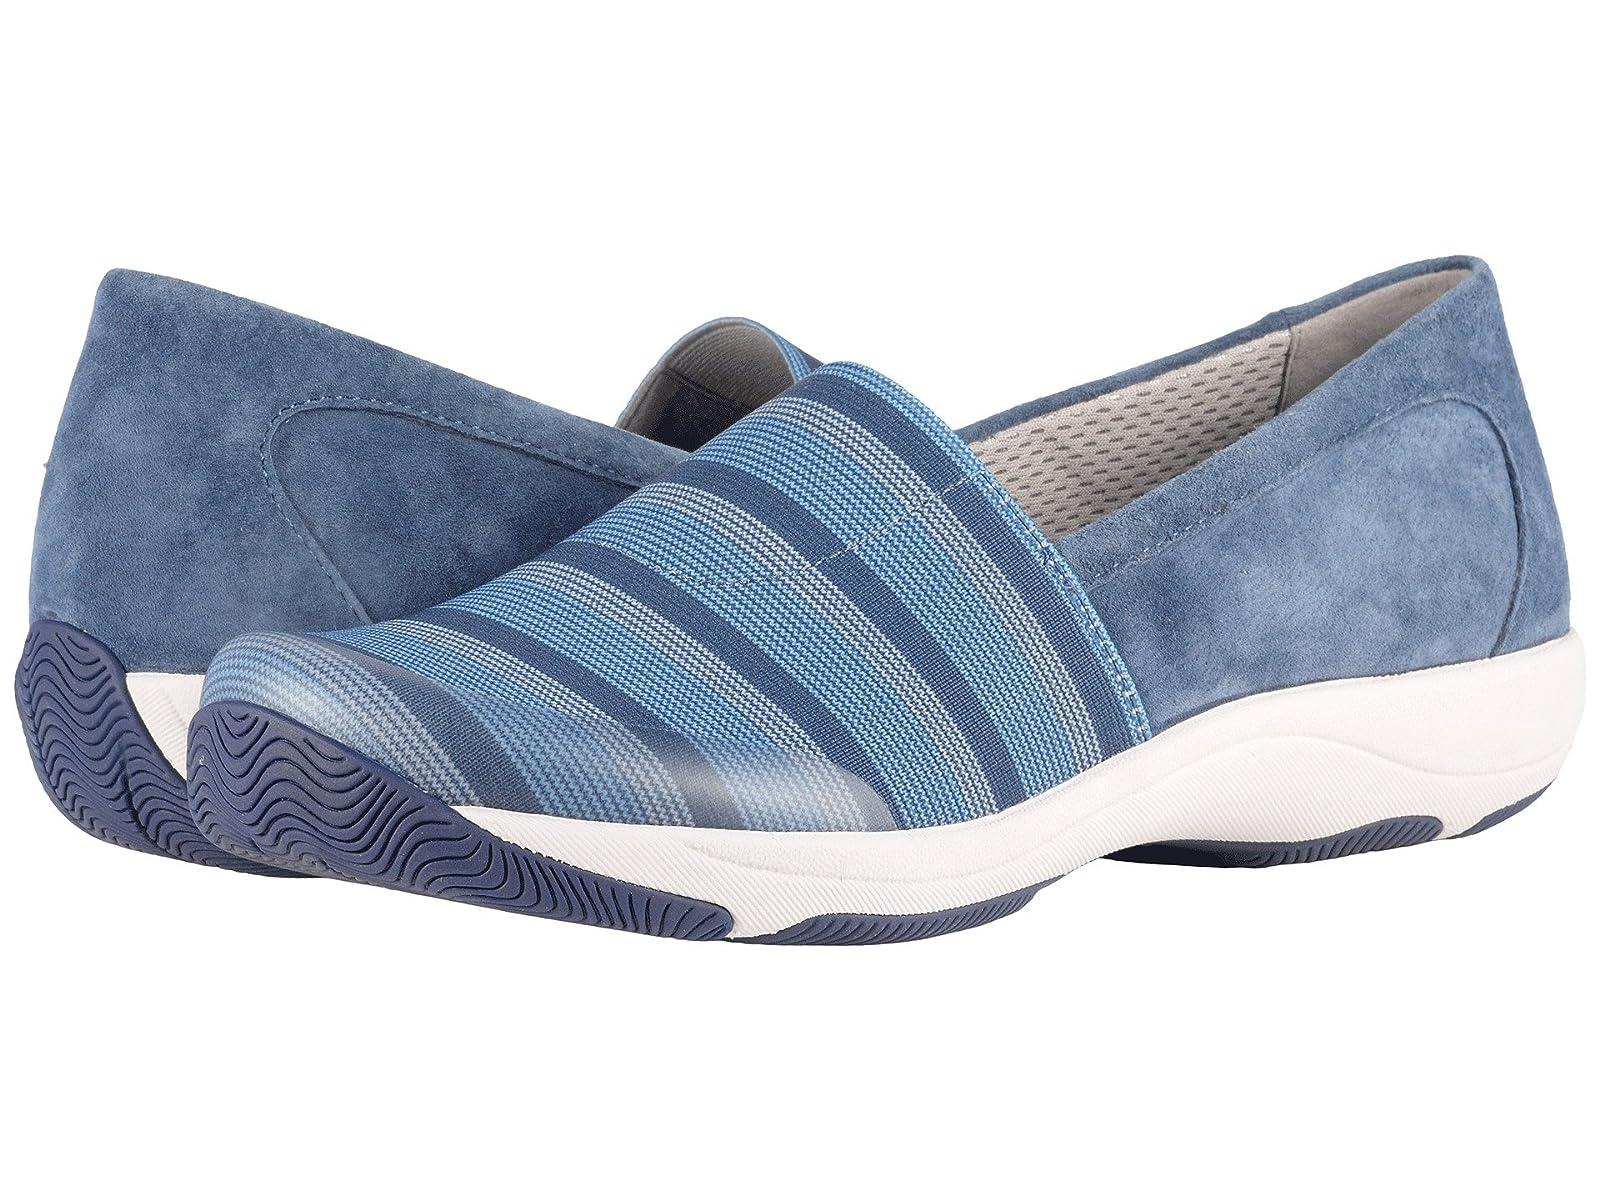 Dansko HarrietAtmospheric grades have affordable shoes